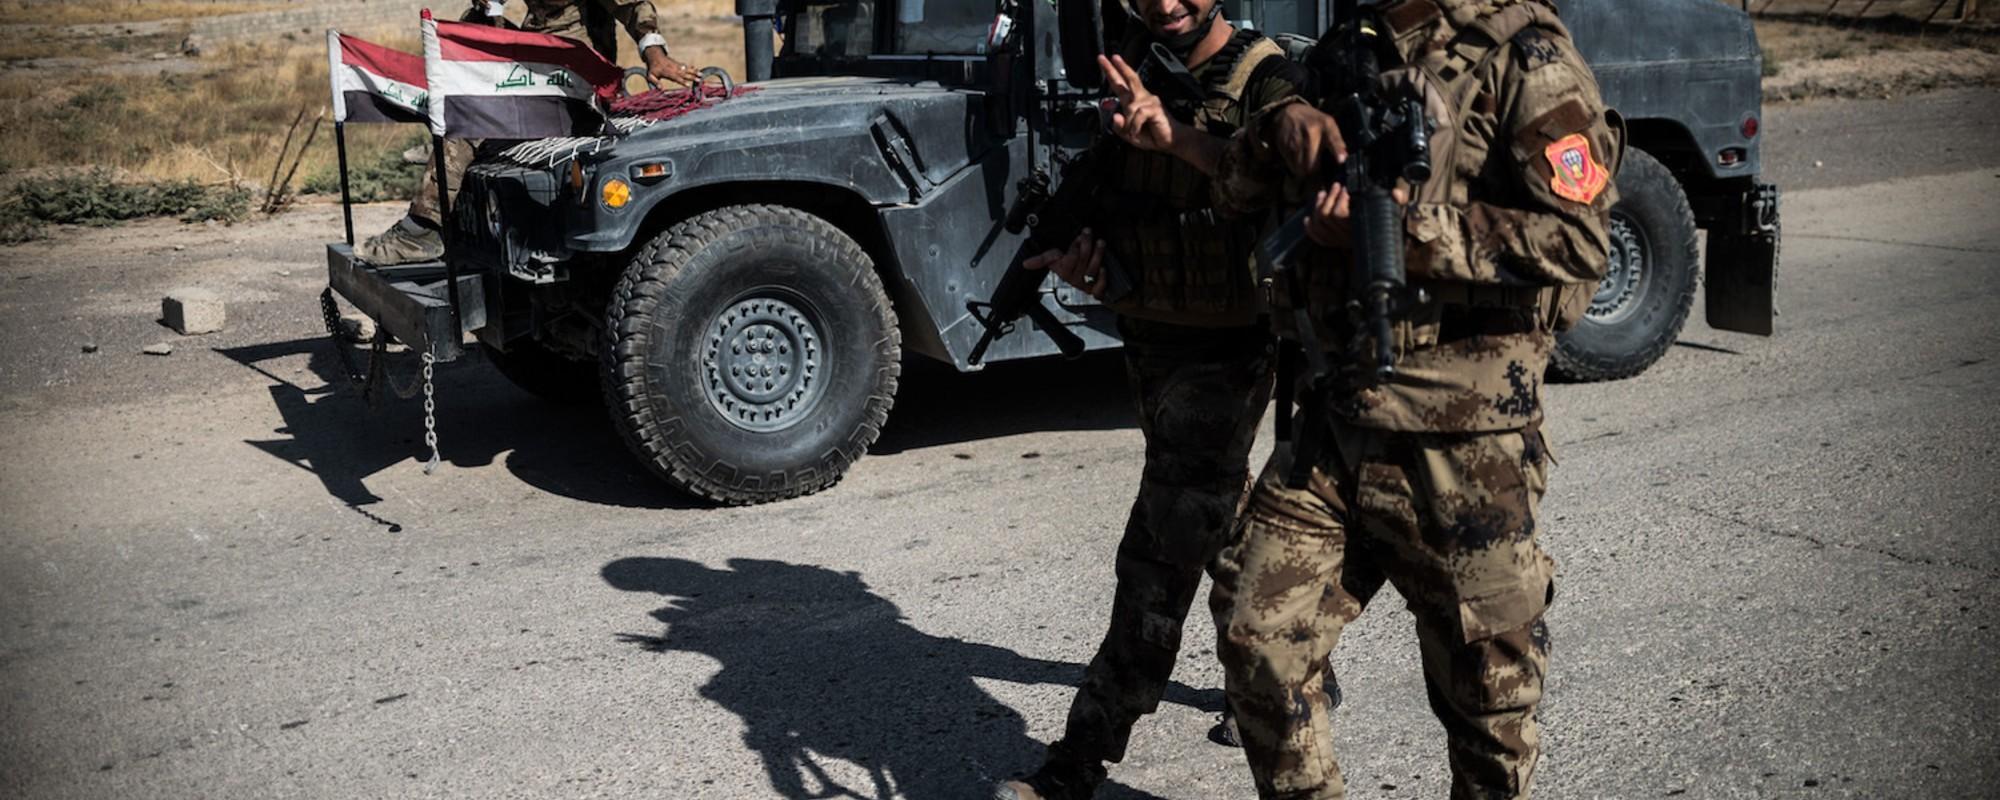 Fotografiile astea cu soldați tineri îți arată că poți zâmbi chiar și-n cele mai sinistre momente